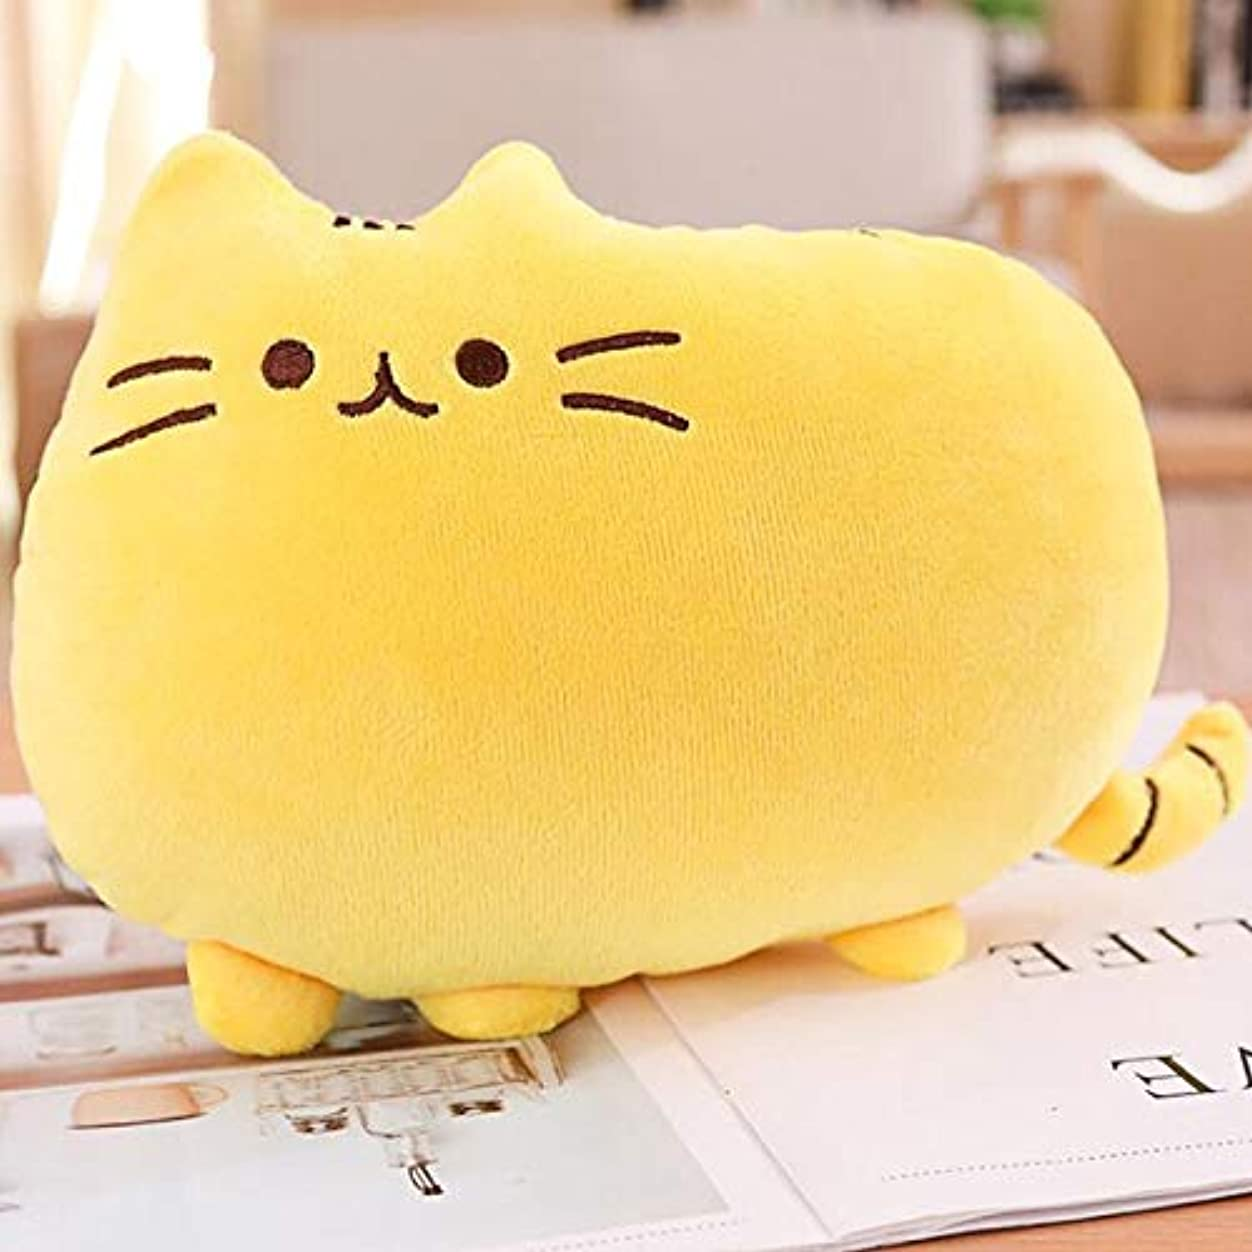 尊敬効果判読できないLIFE8 色かわいい脂肪猫ベビーぬいぐるみ 20/40 センチメートル枕人形子供のための高品質ソフトクッション綿 Brinquedos 子供のためのギフトクッション 椅子